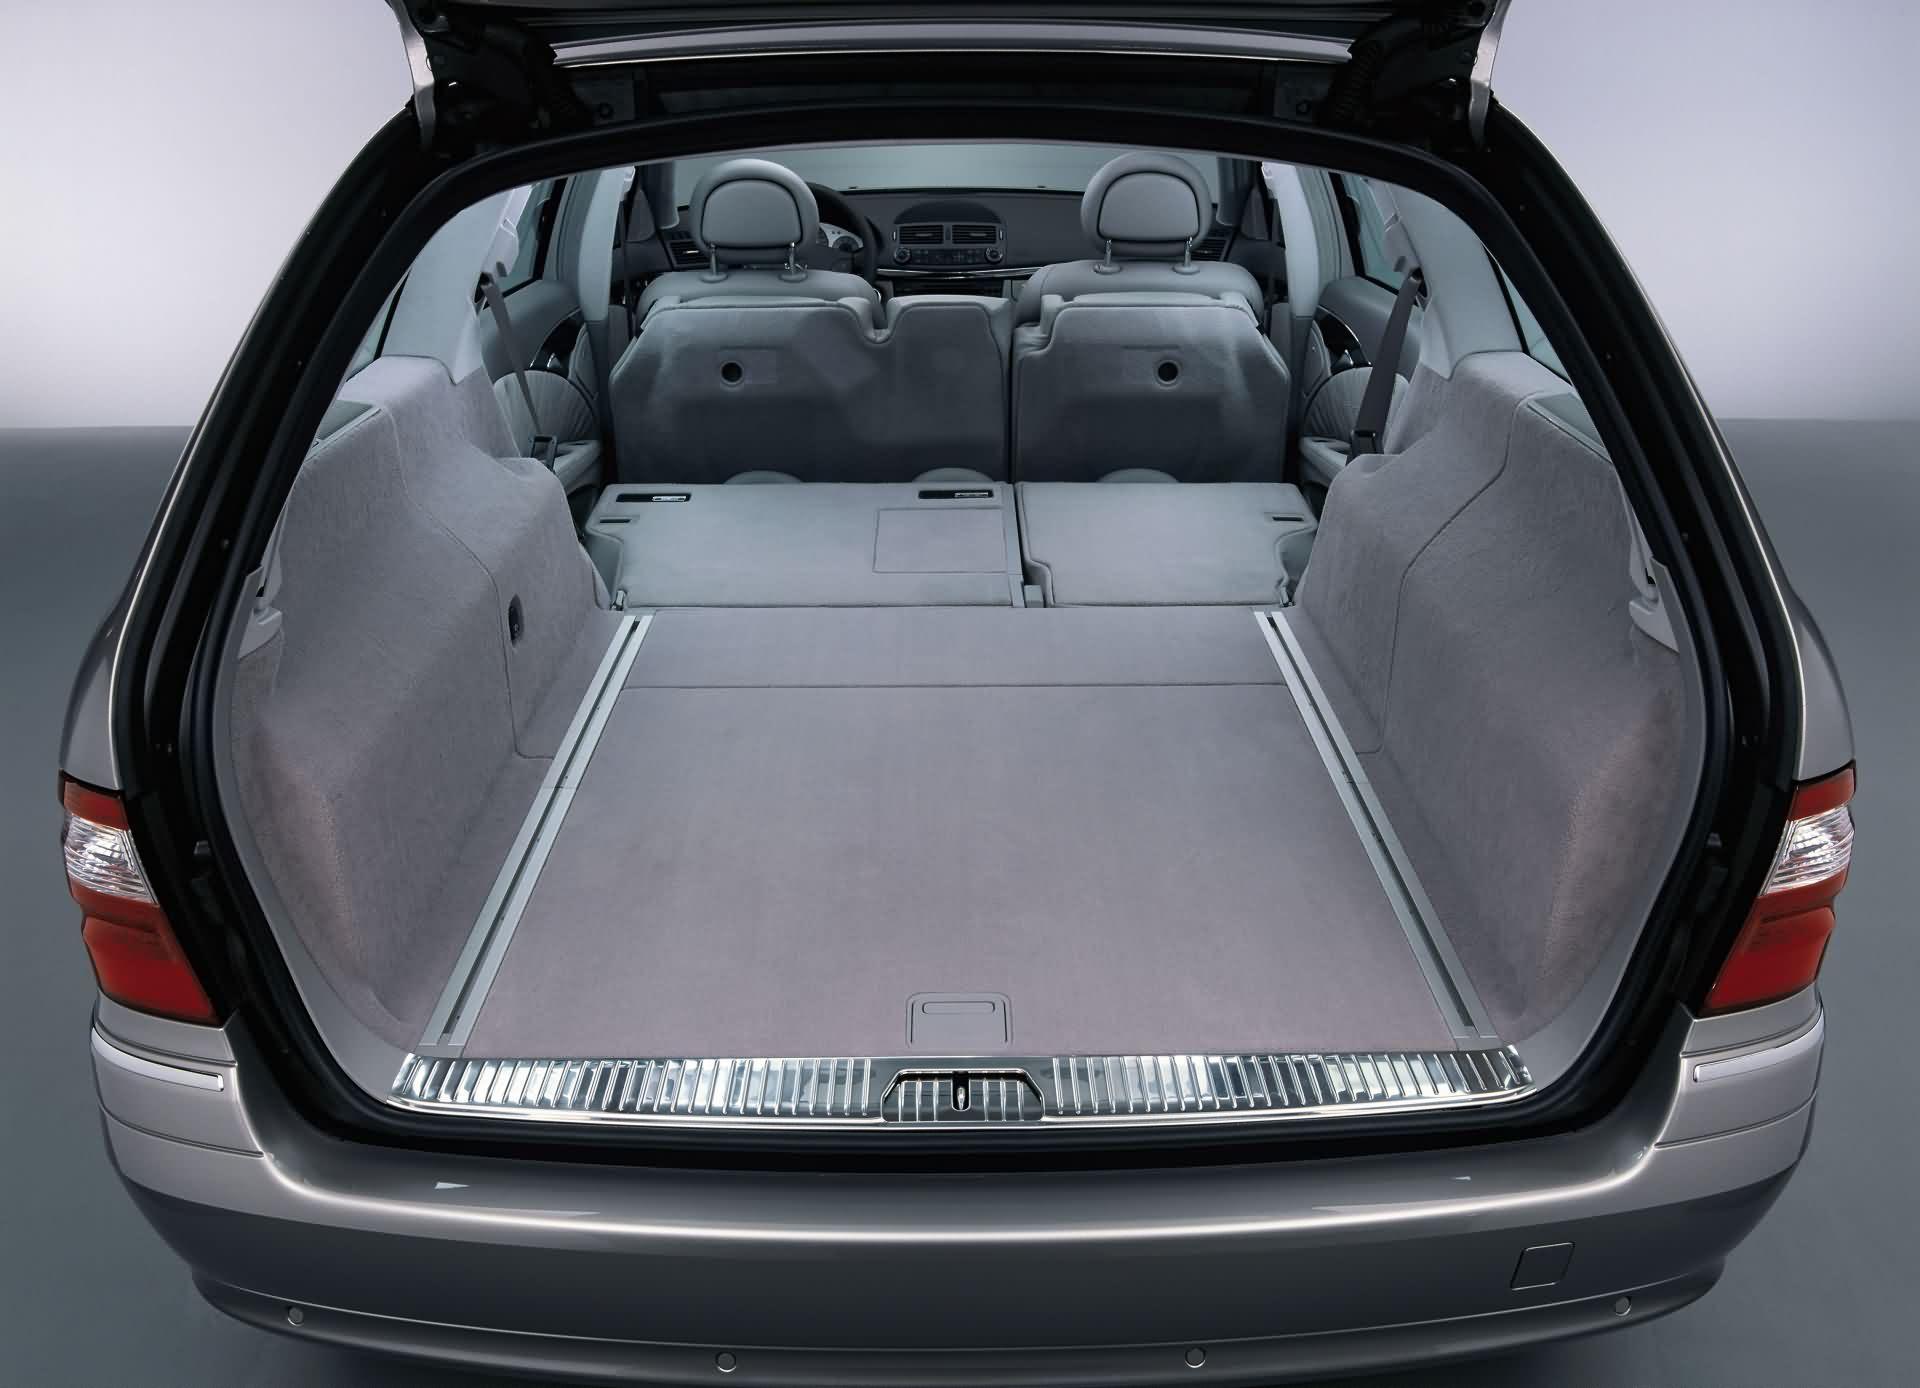 Mercedes A Klasse Brems System